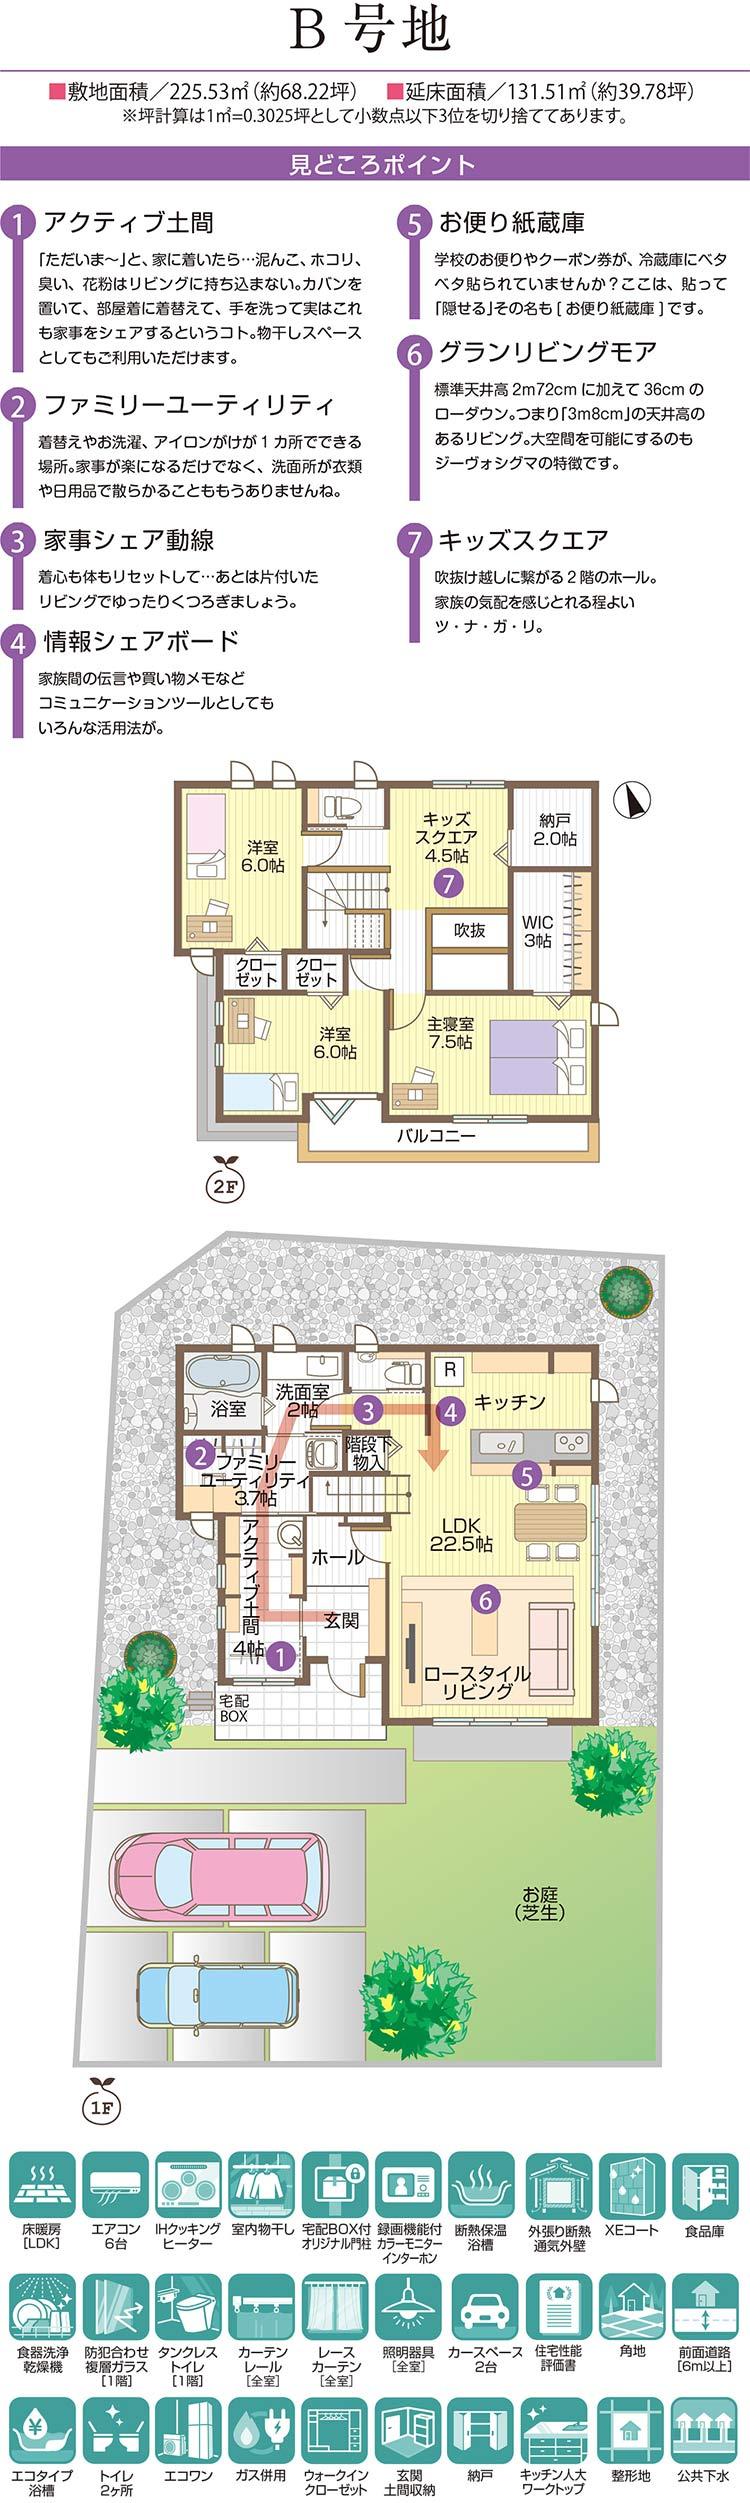 【ダイワハウス】まちなかジーヴォ八戸売市 (分譲住宅)の画像